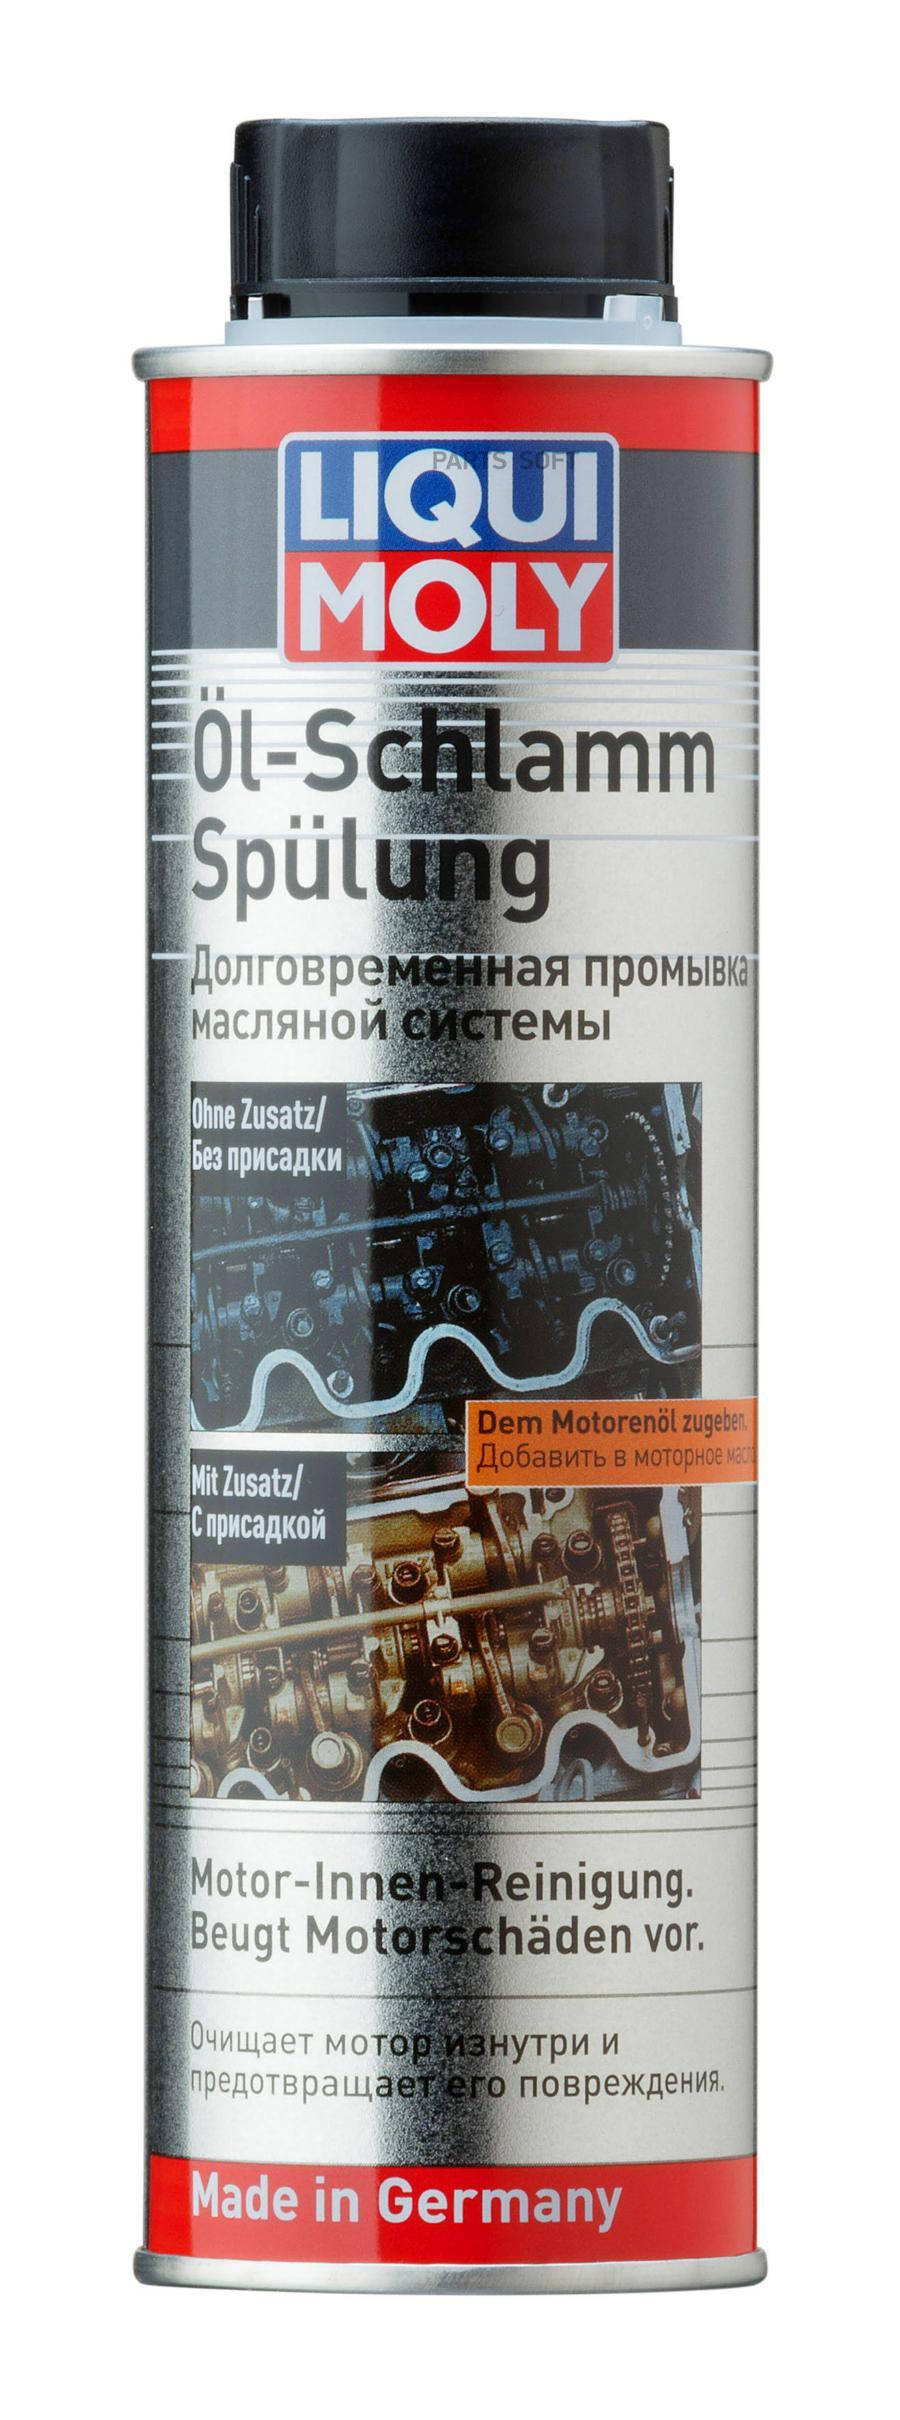 Долговременная промывка масляной сист. Oil-Schlamm-Spulung (0,3л)